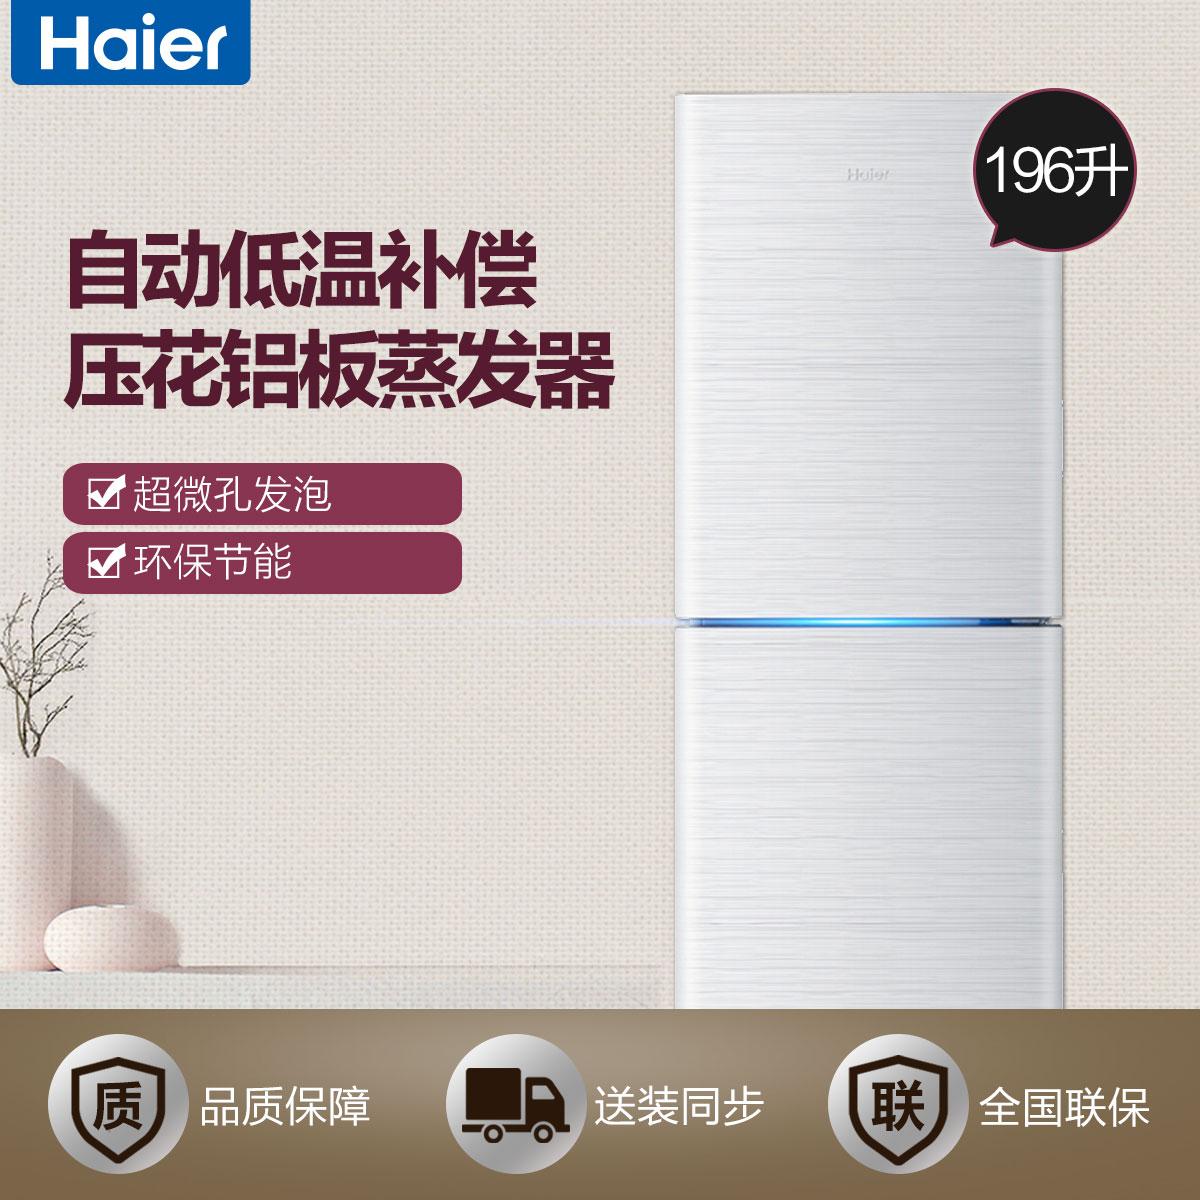 Haier/海尔 冰箱 BCD-196TMPI 196升两门家用静音节能冰箱